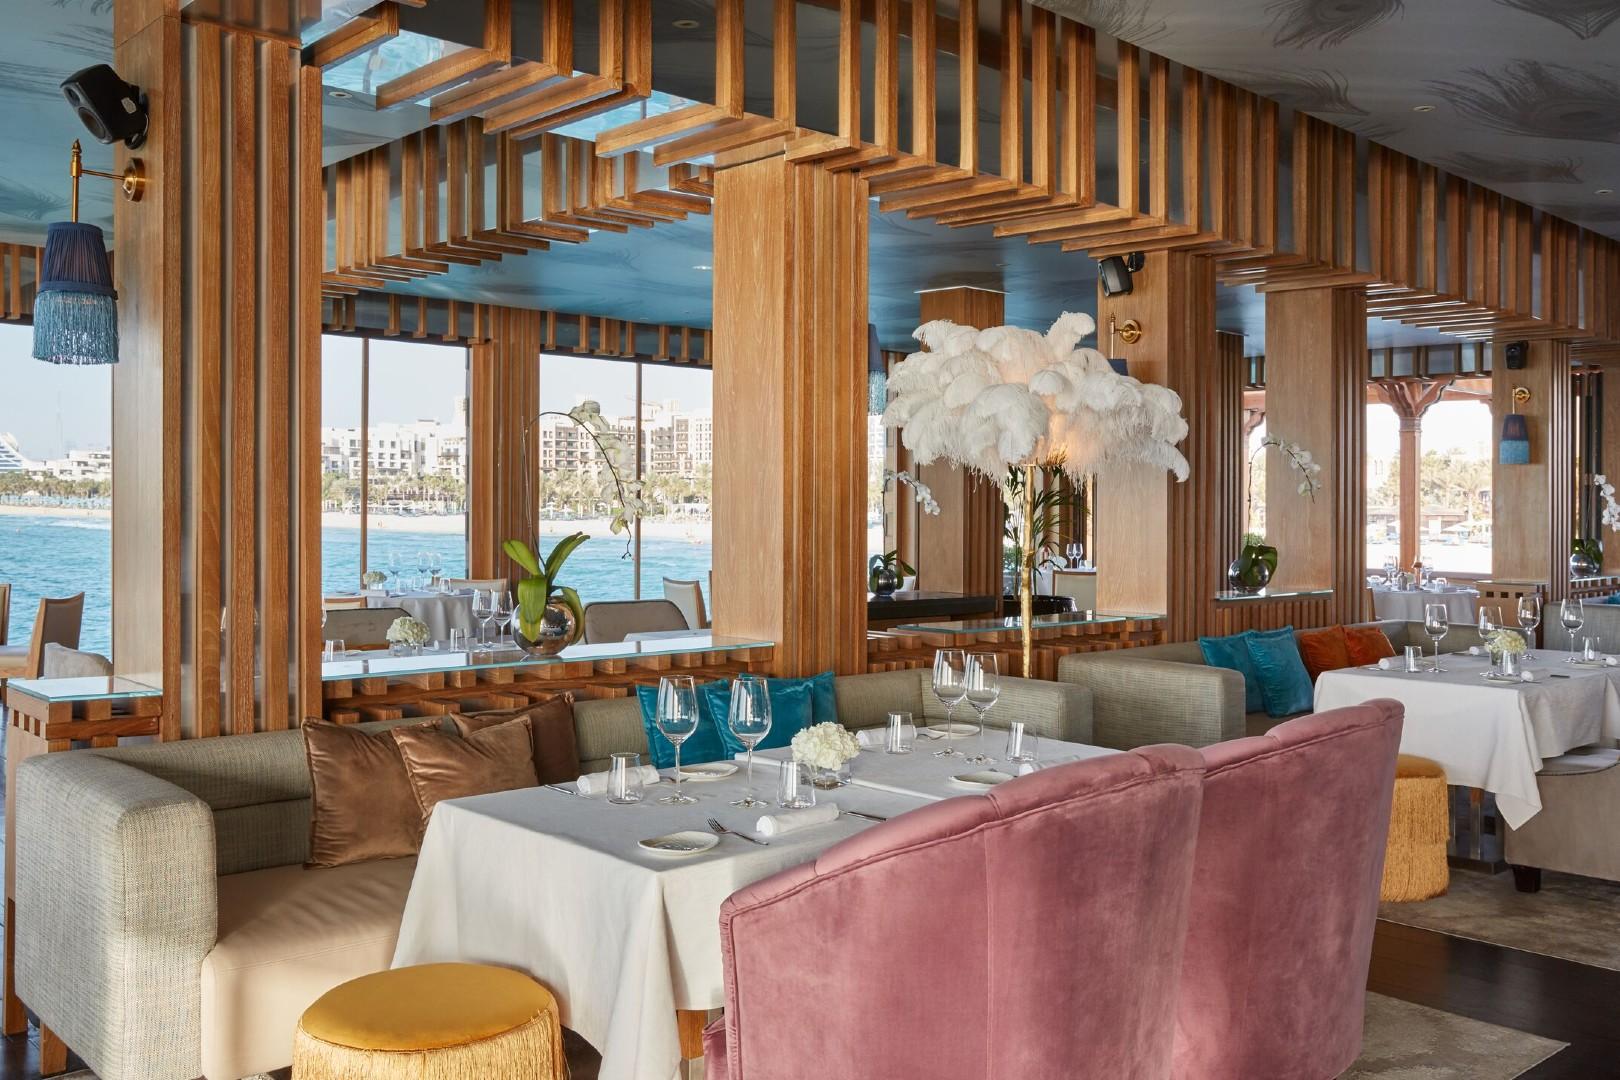 https://cdn.jumeirah.com/-/mediadh/DH/Hospitality/Jumeirah/Restaurants/Dubai/Al-Qasr-Pierchic/Restaurant-Gallery/Pierchic-Interior-5_6-4.jpg?h=1080&w=1620&hash=F8BDC2CB9E39BF491B3394655E515132